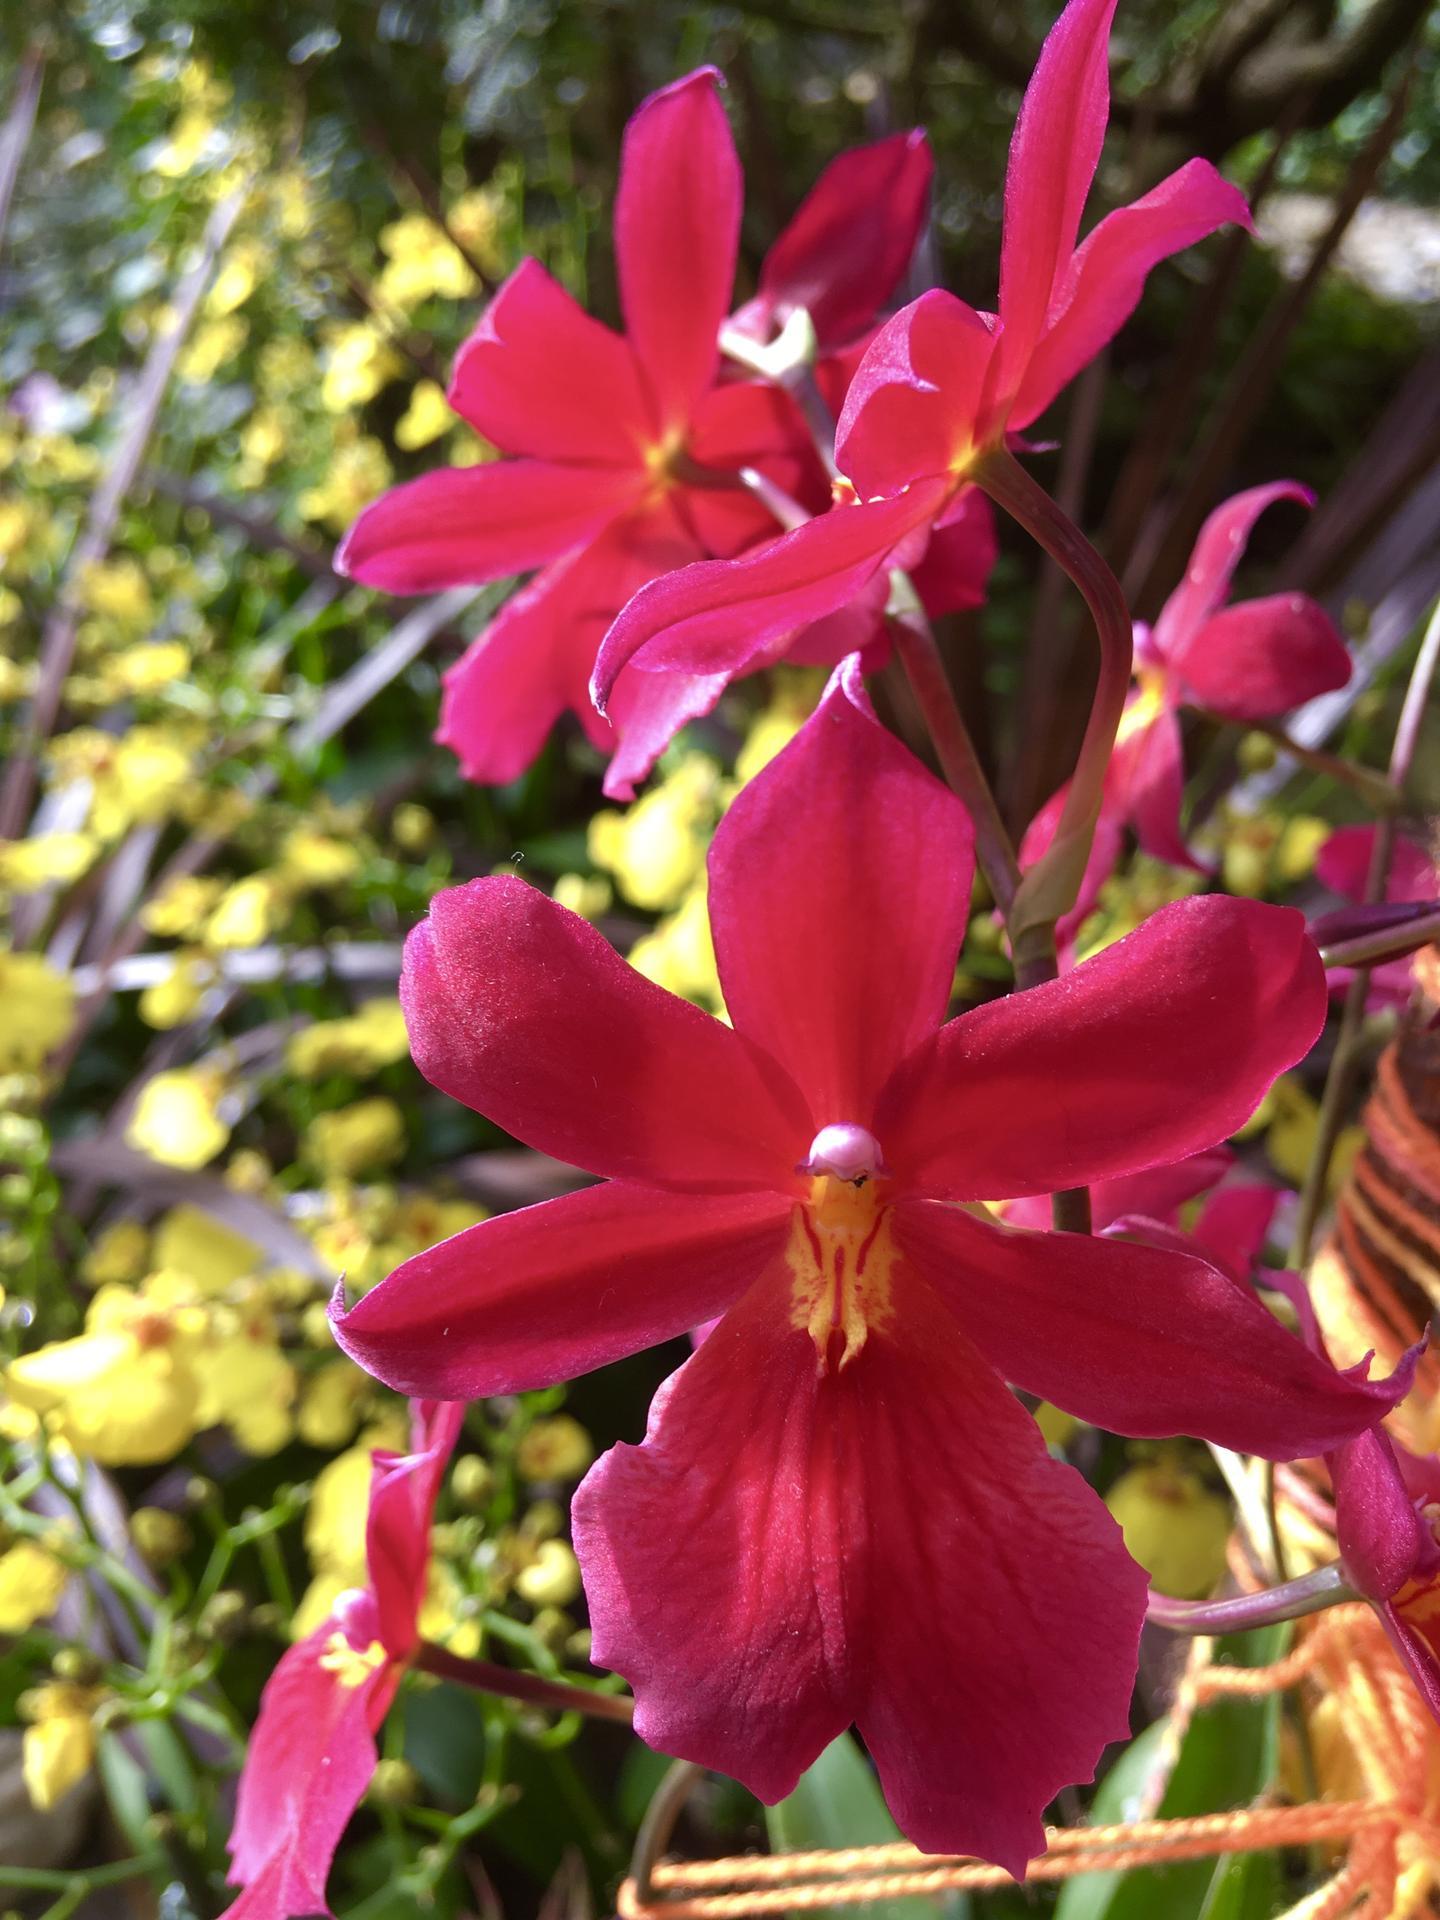 Vystava orchideji 2020 - Obrázek č. 3